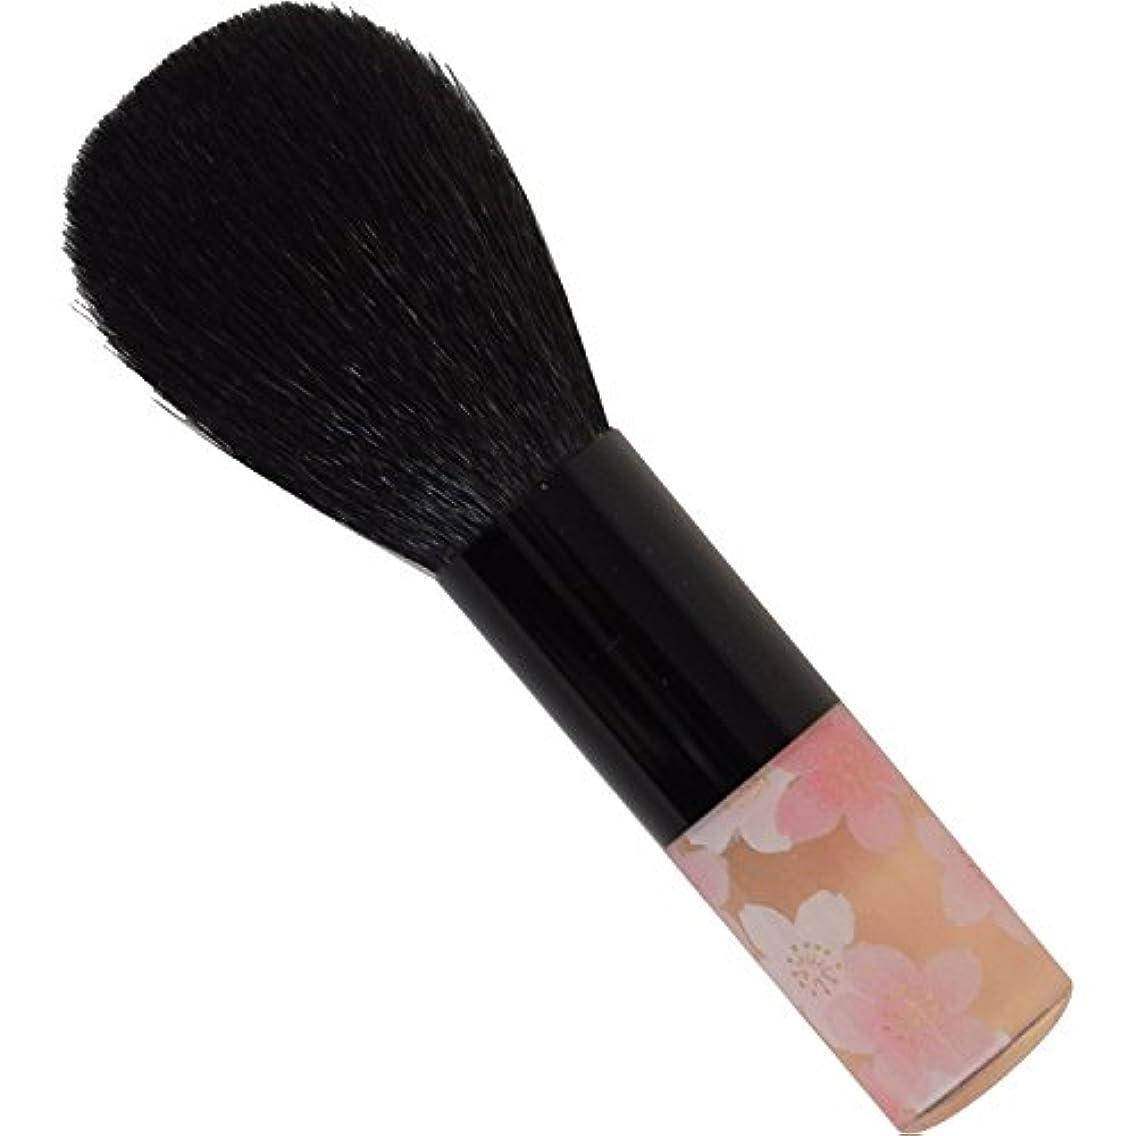 ブルーム和電話をかけるBP-1 六角館さくら堂 べっぴん桜筆パウダーブラシ 山羊毛100% 桜軸 オリジナル化粧筆